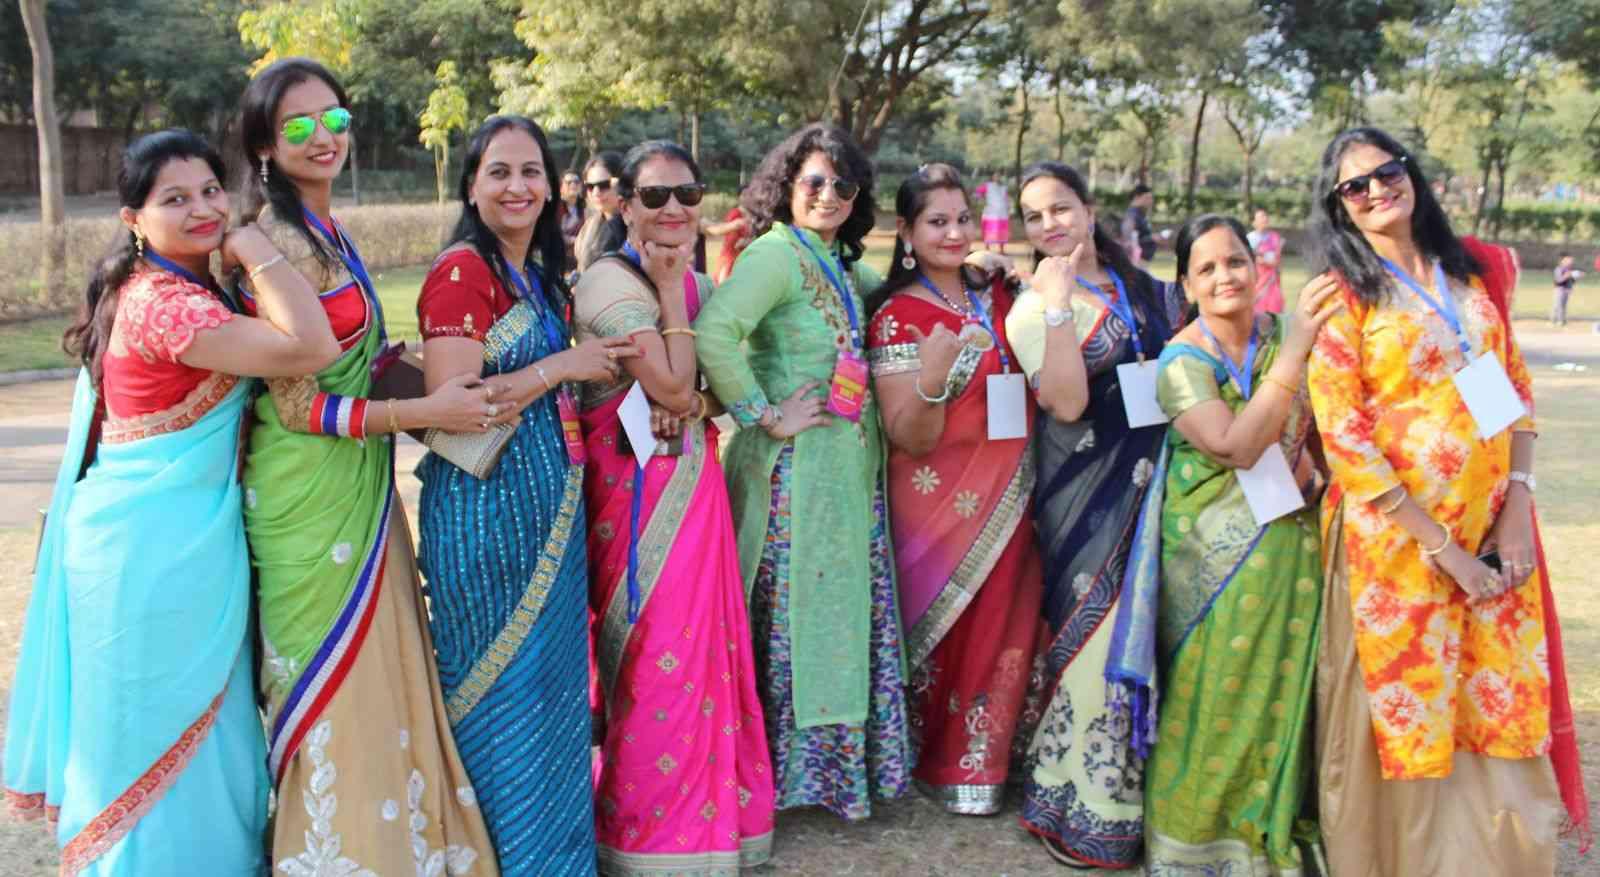 Kite Festival at Jodhpur